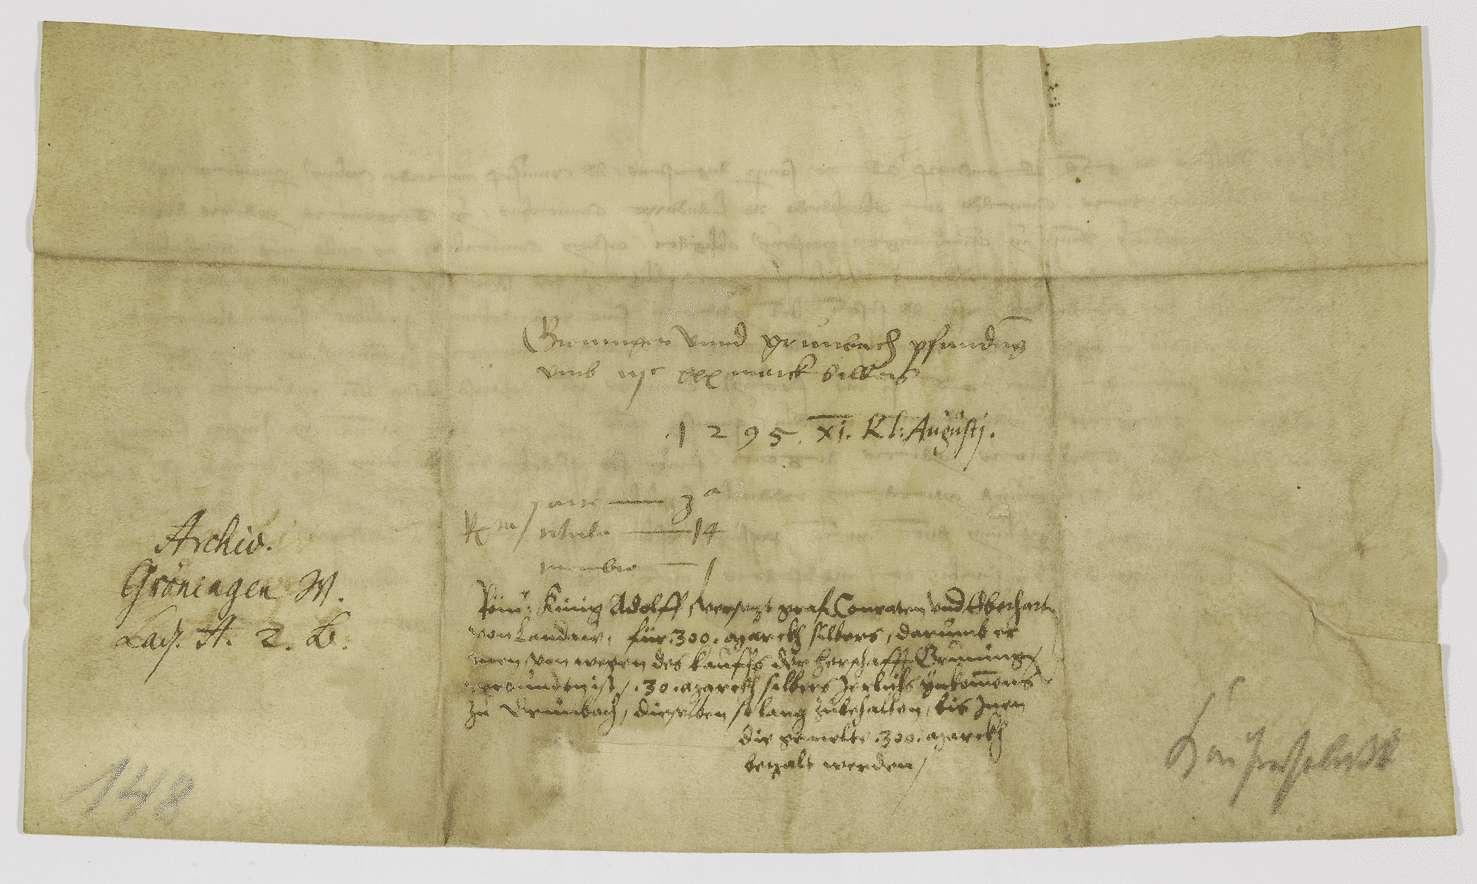 König Adolf von Nassau verpfändet den Grafen von Landau für den Rest des Kaufpreises der Herrschaft Gröningen die Einkünfte des Dorfes Grumbach., Bild 2